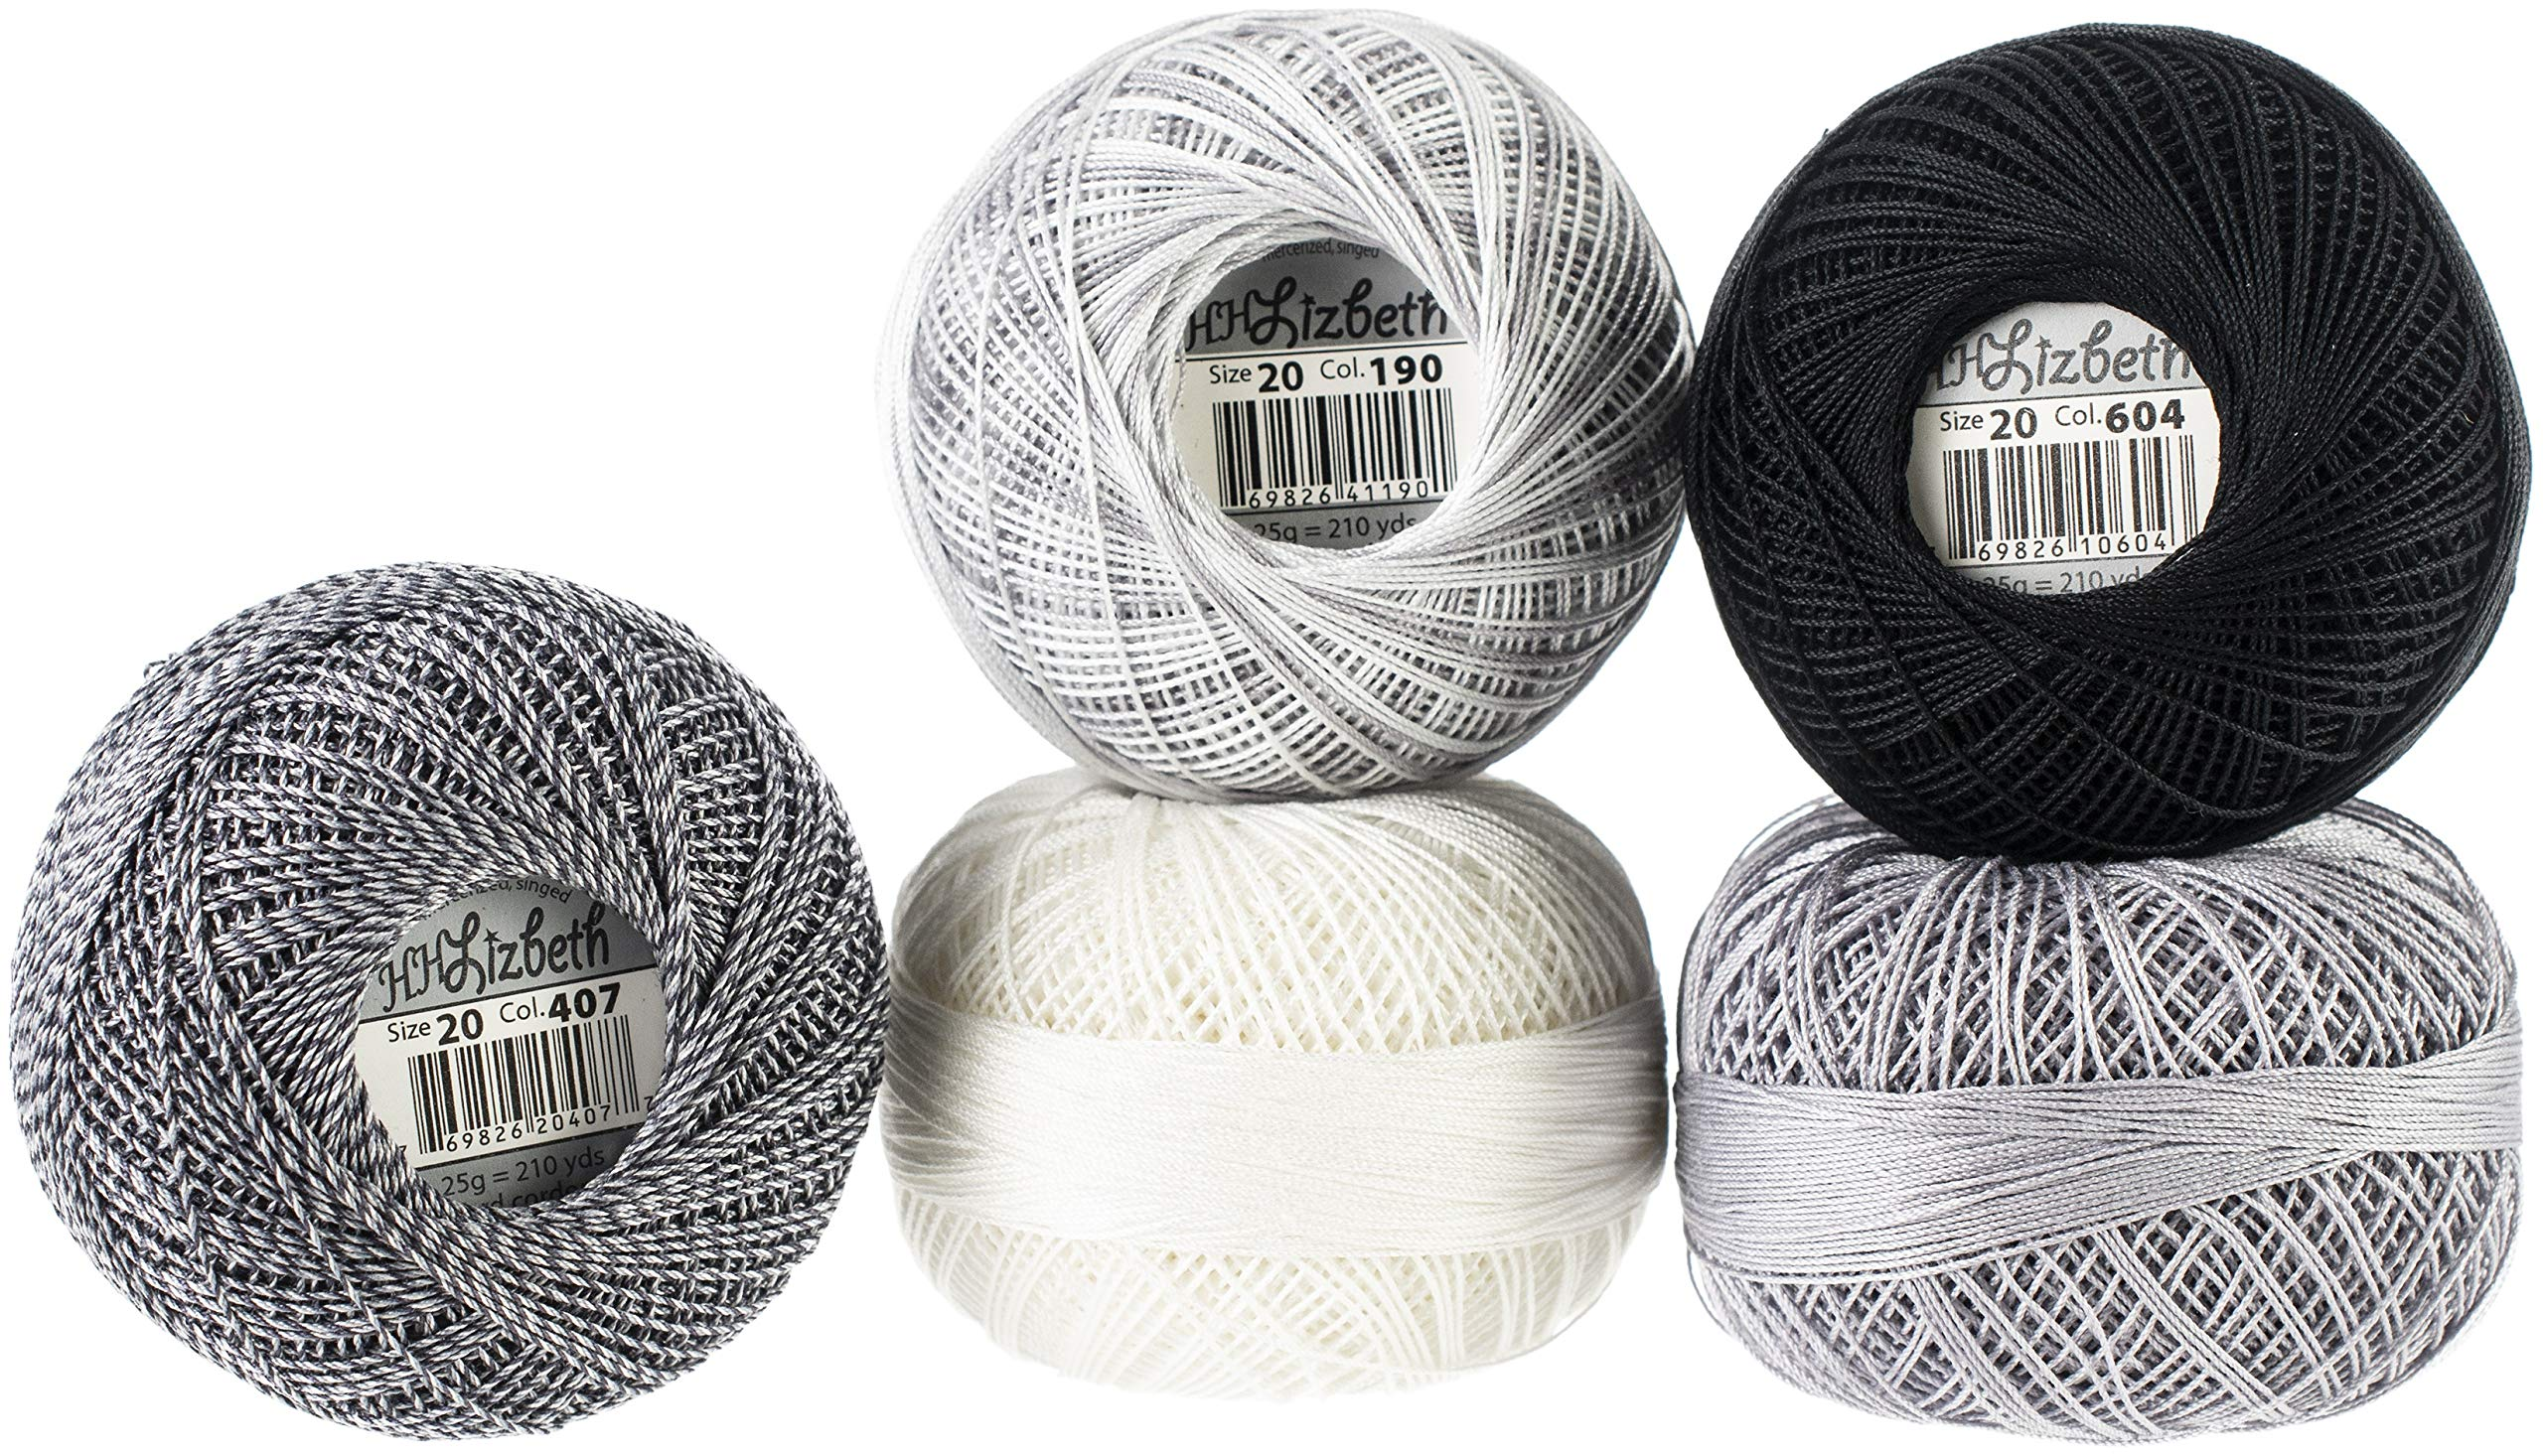 Handy Hands Lizbeth Specialty Pack Cordonnet Cotton Size 20-Silver Clouds 5/Pkg